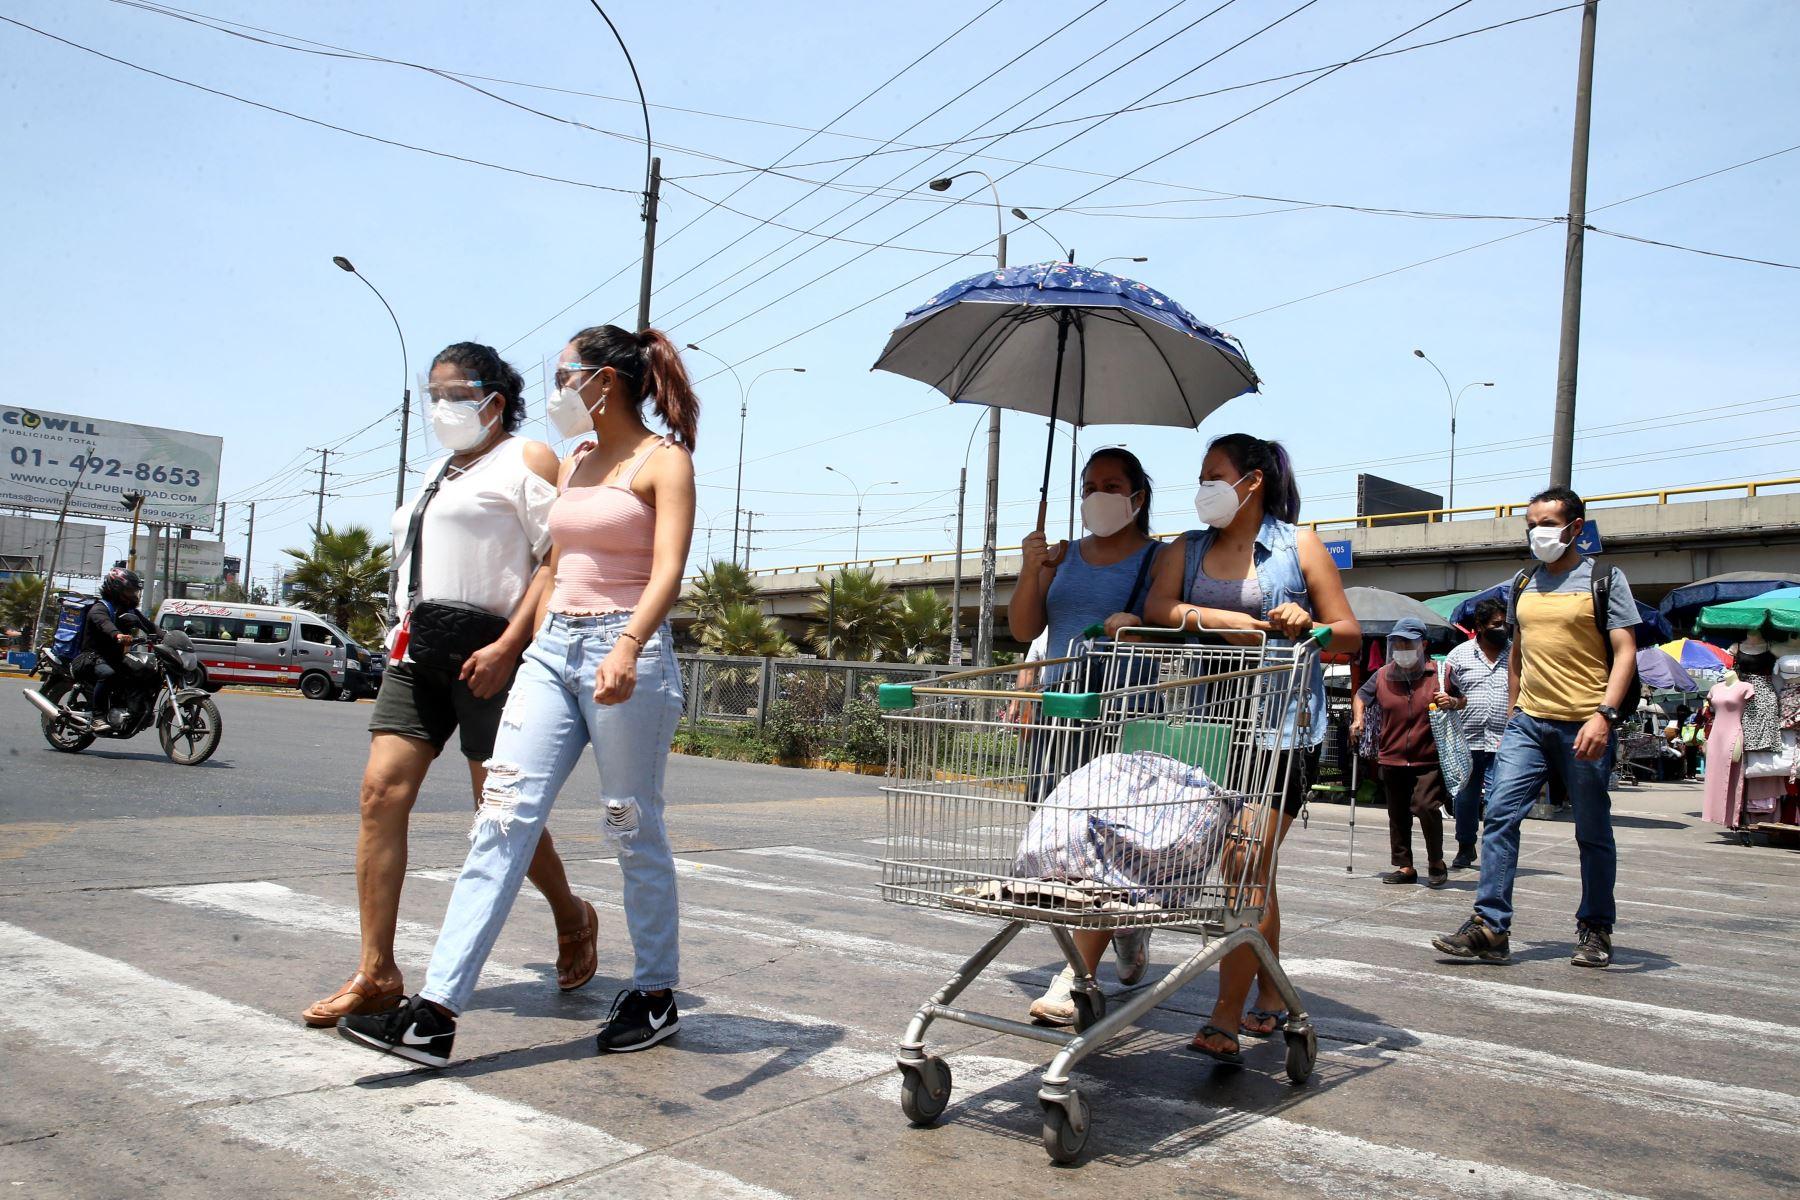 Hoy es el último día de la cuarentena establecida por el Gobierno para enfrentar el covid-19 en Lima Metropolitana, el Callao y demás provincias consideradas en nivel de alerta extremo.Imagen de la Panamericana Norte. Foto: ANDINA/Vidal Tarqui